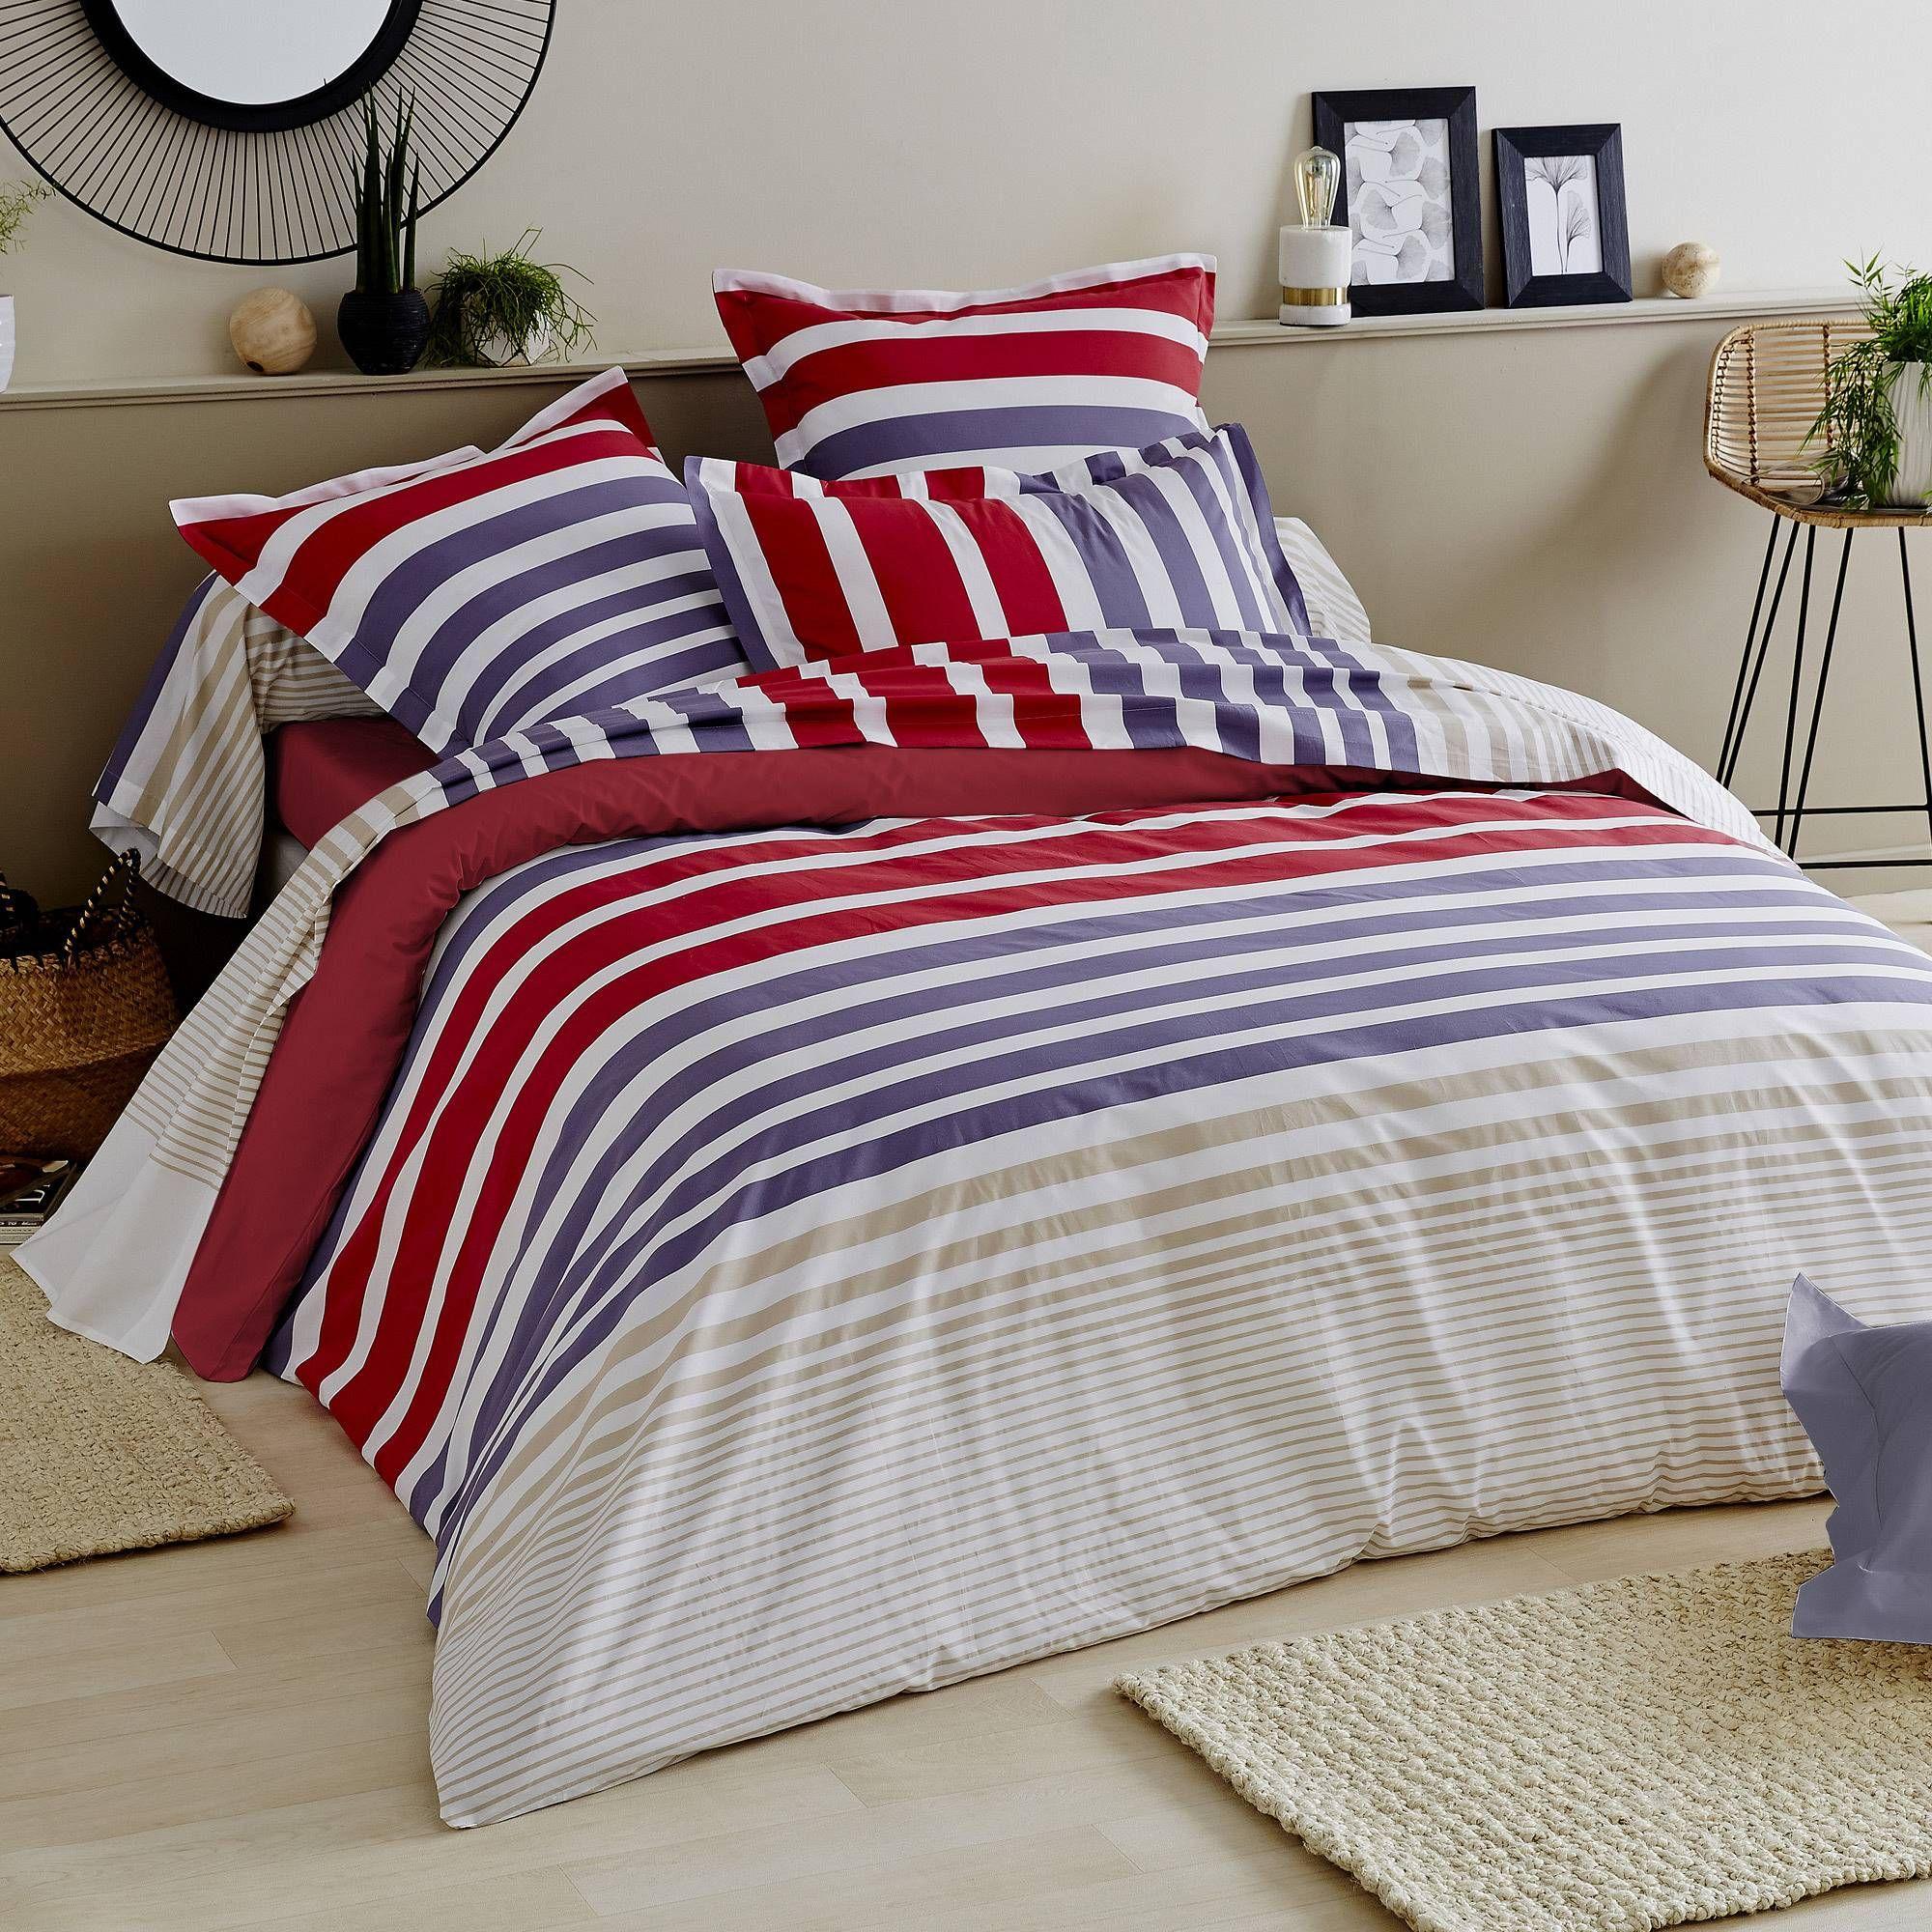 linnea parure de lit 240x220 cm percale pur coton stripe